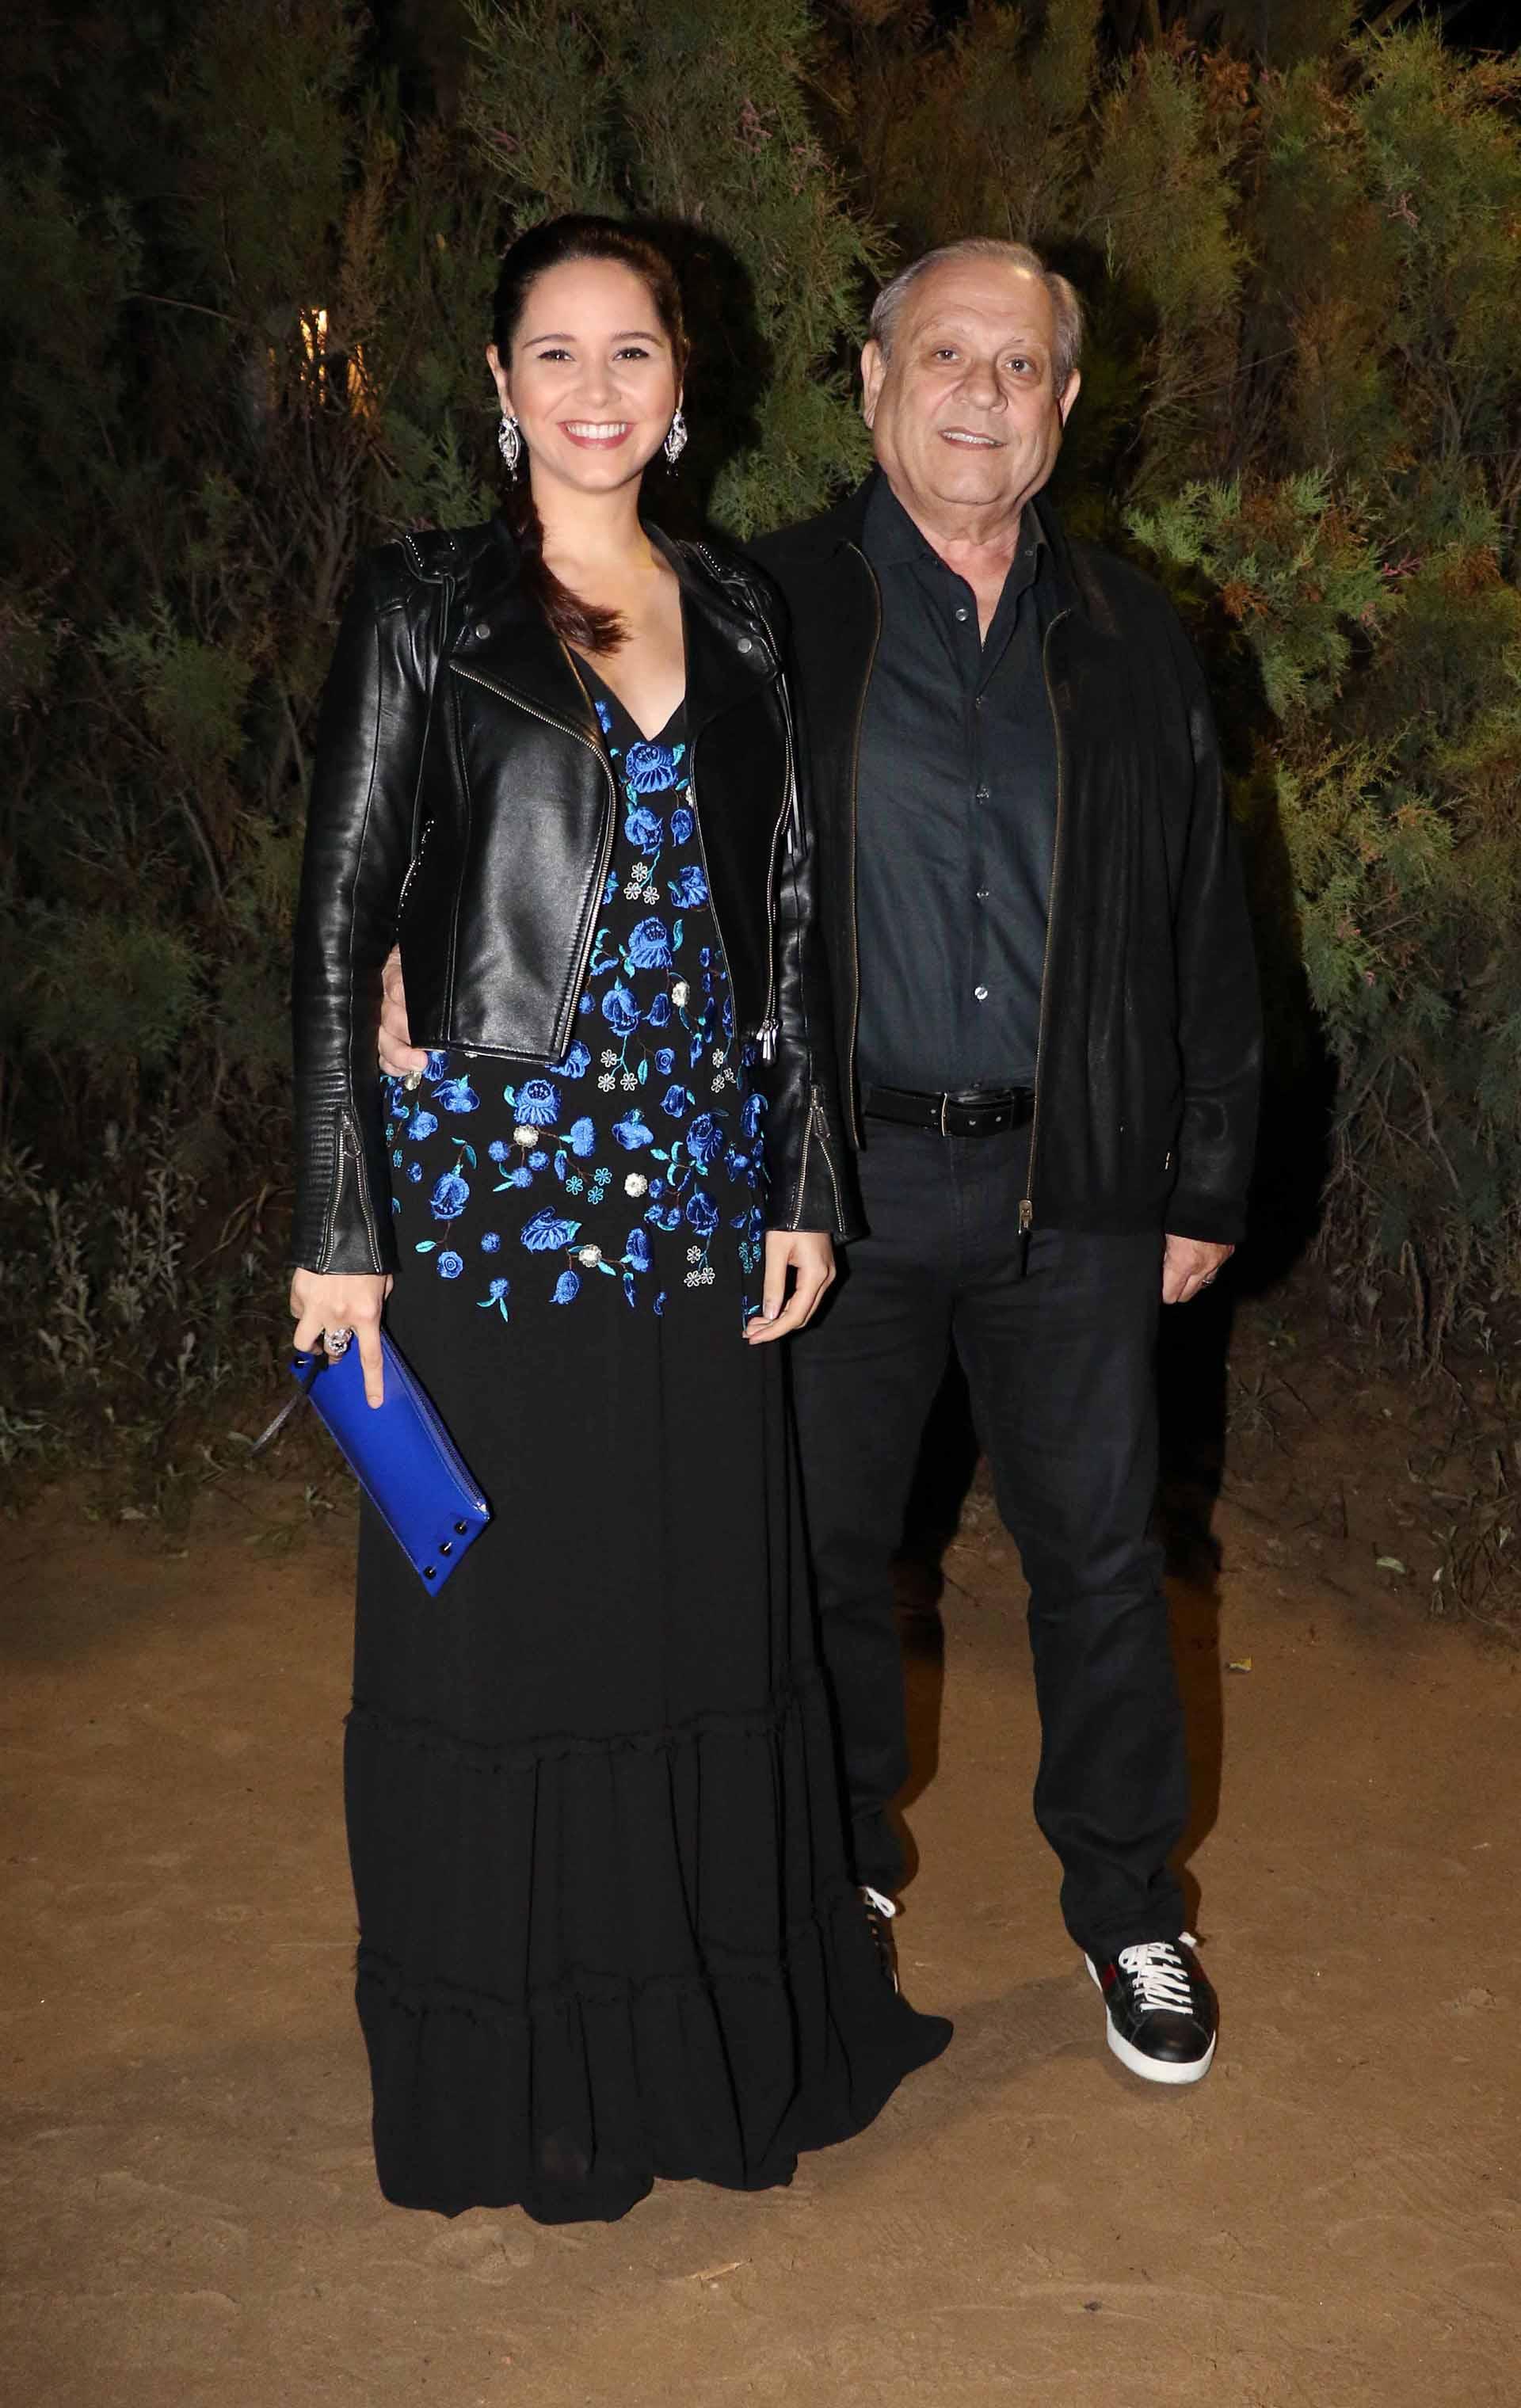 Natalí Márquez, directora creativa de Brezza, junto a su marido, Néstor Abatidaga, director general corporativo del Grupo Sancor Seguros